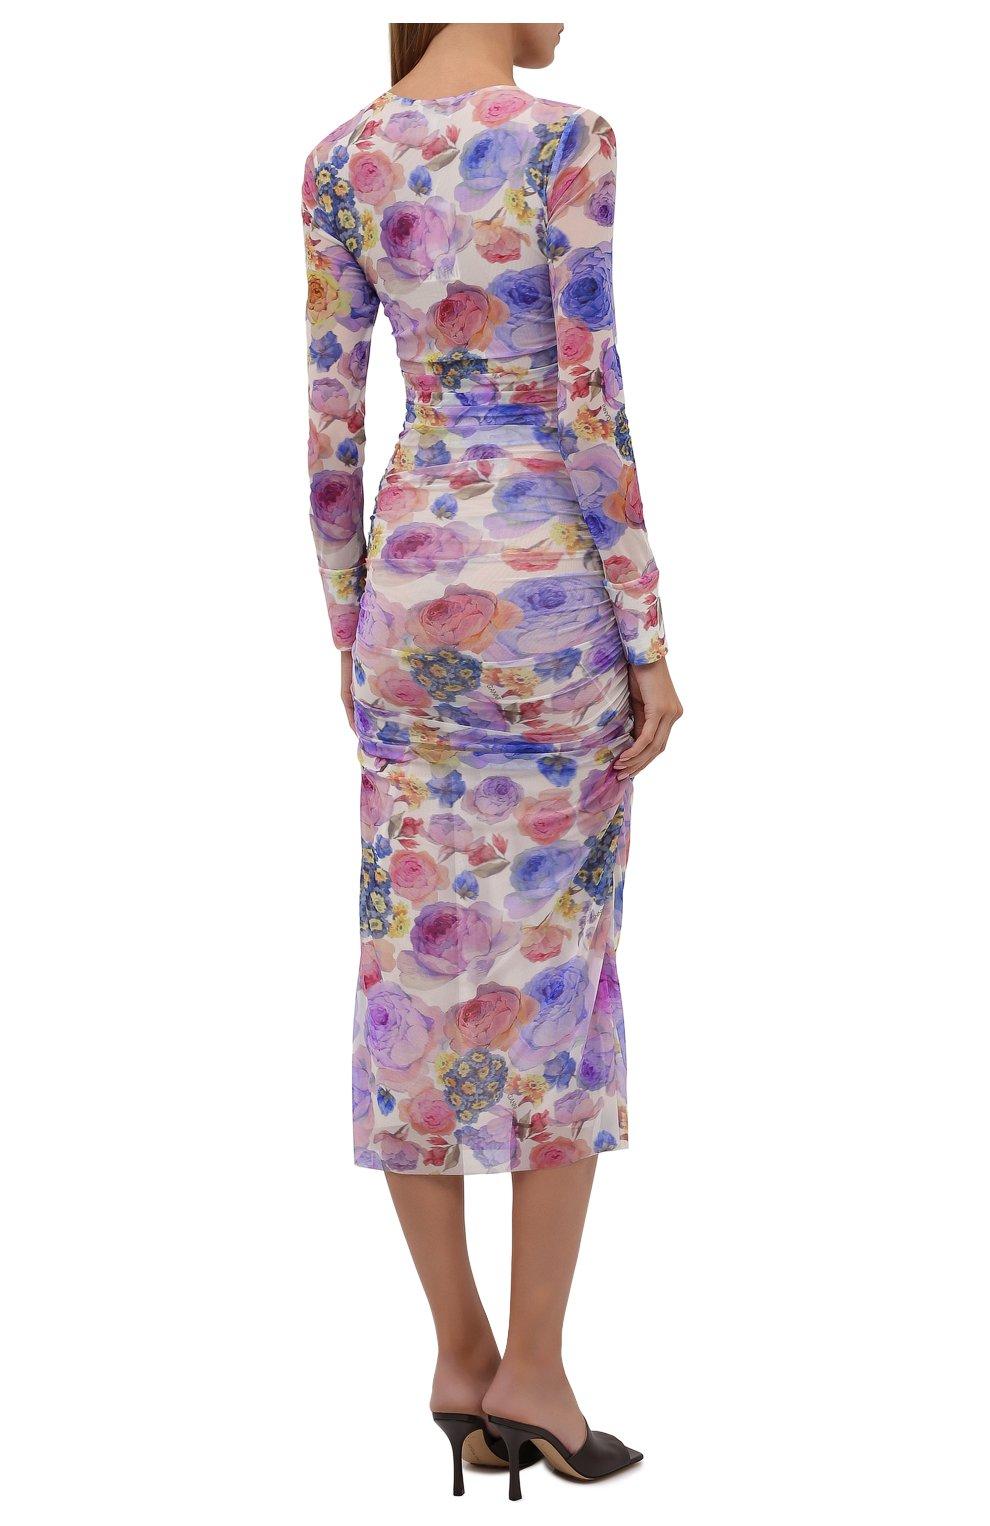 Женское платье GANNI разноцветного цвета, арт. T2892   Фото 4 (Рукава: Длинные; Случай: Вечерний; Материал внешний: Синтетический материал; Длина Ж (юбки, платья, шорты): Миди; Материал подклада: Синтетический материал; Стили: Романтичный; Женское Кросс-КТ: Платье-одежда)